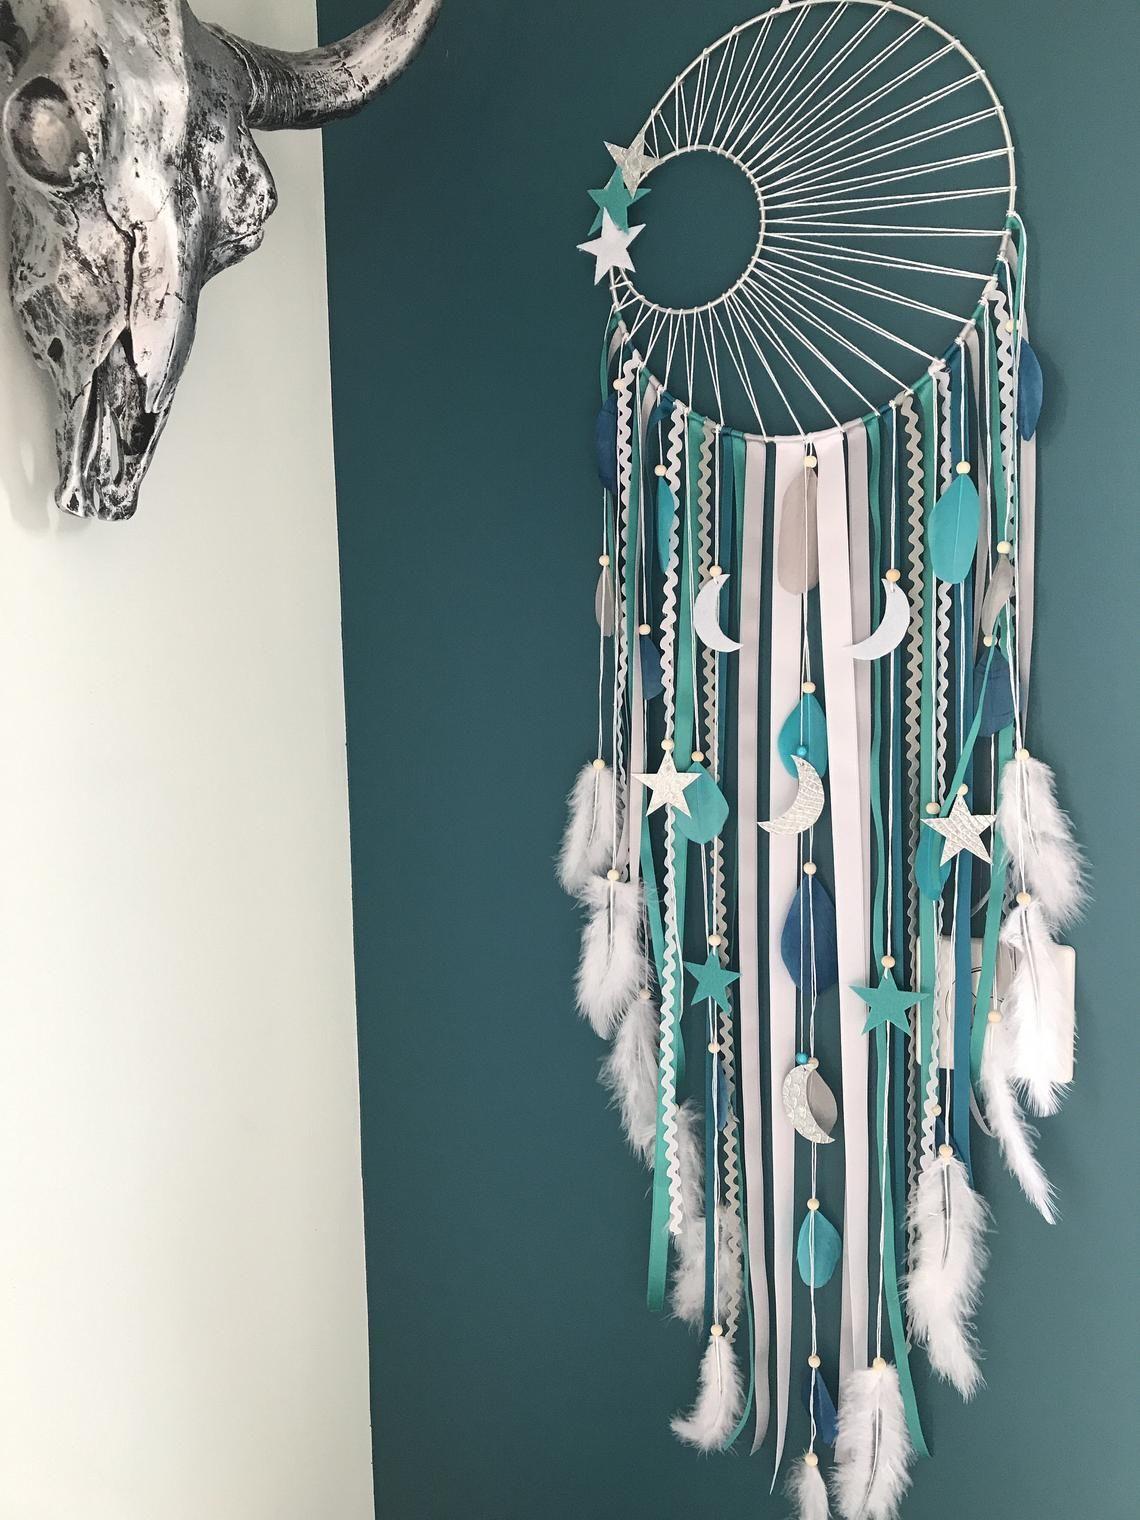 Attrape rêves dreamcatcher tissage soleil, turquoise, canard, gris et blanc geant #dreamcatcher